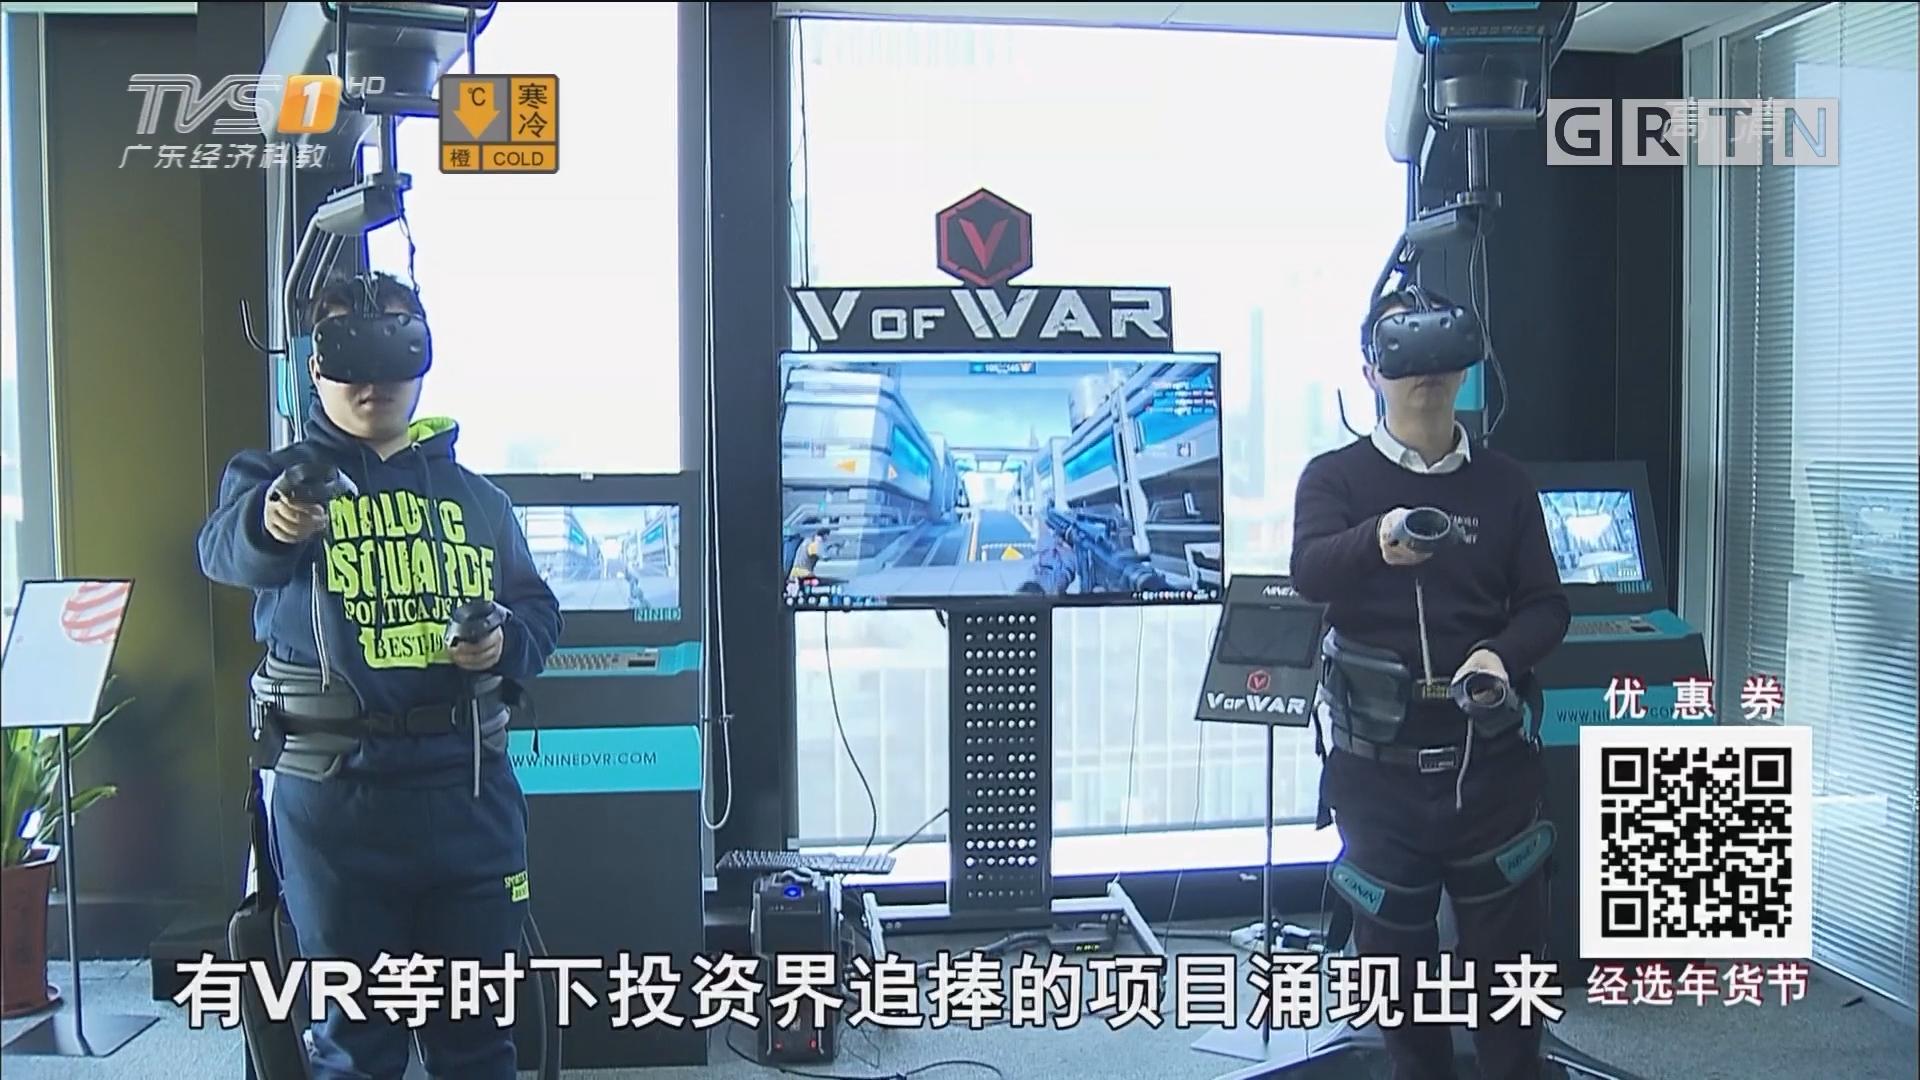 广州:天英汇国际创新创业大赛完美收官